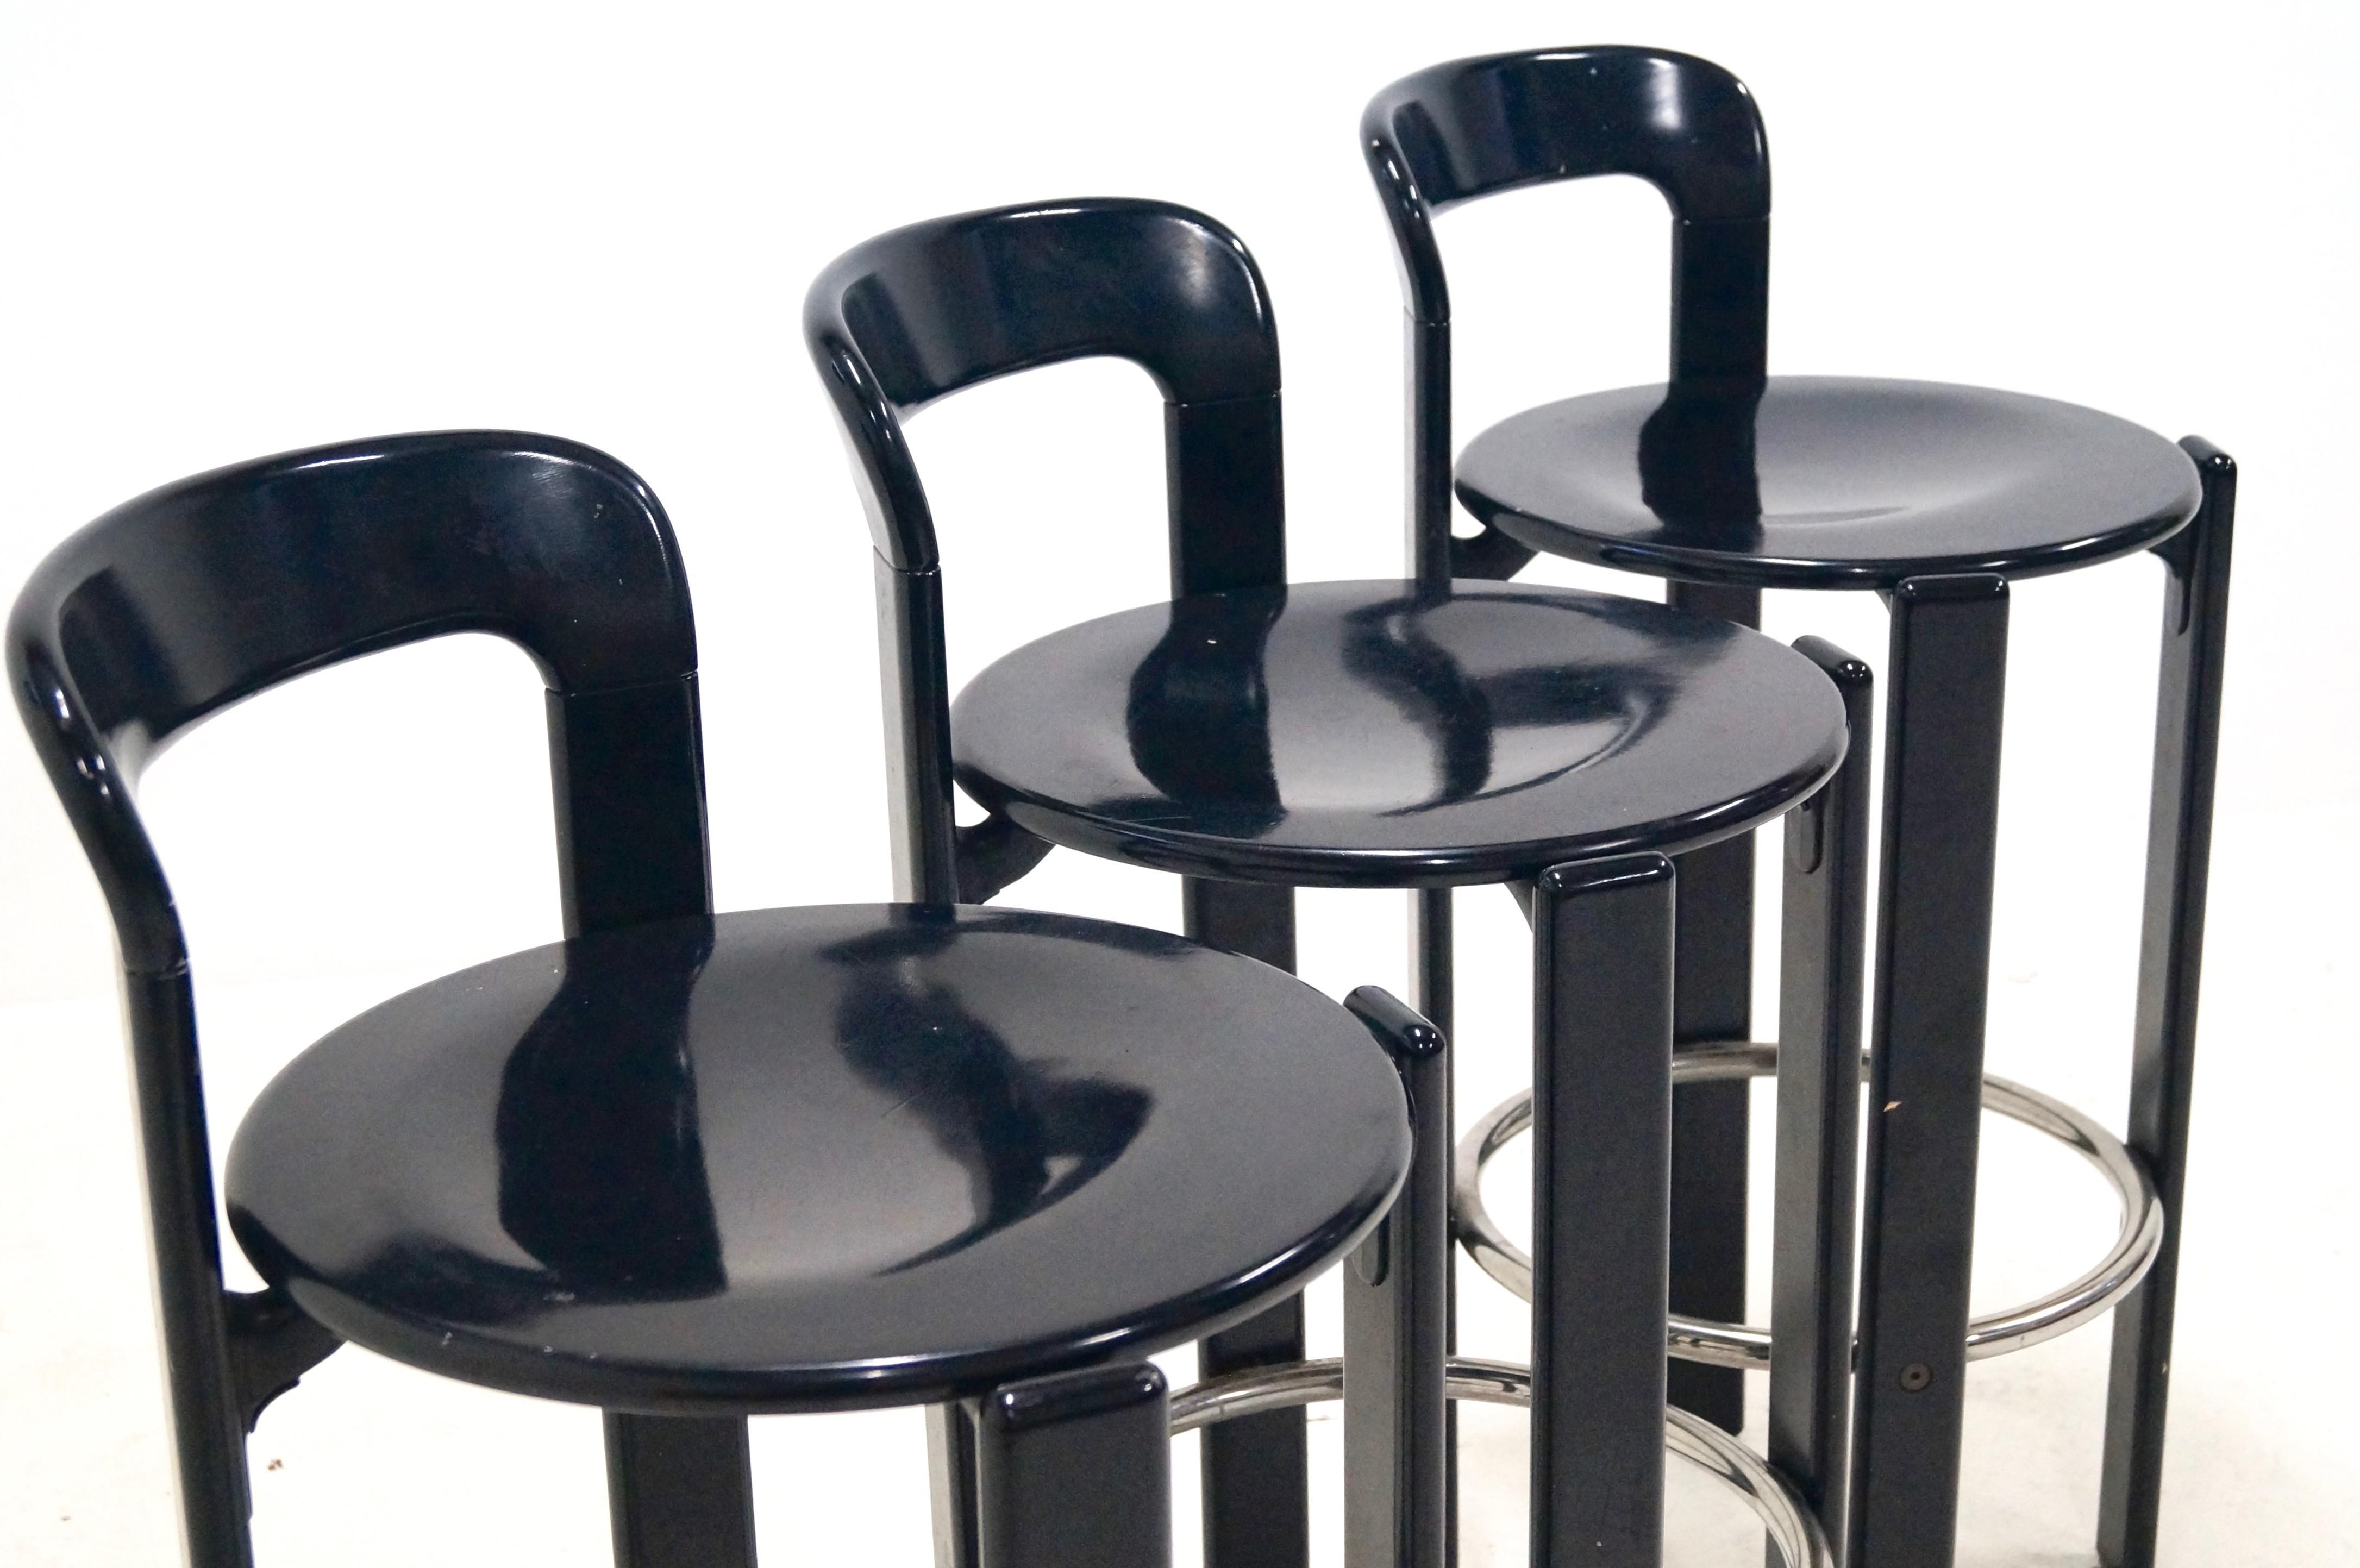 set of 3 bar stools by bruno rey for dietiker 1970s design market. Black Bedroom Furniture Sets. Home Design Ideas